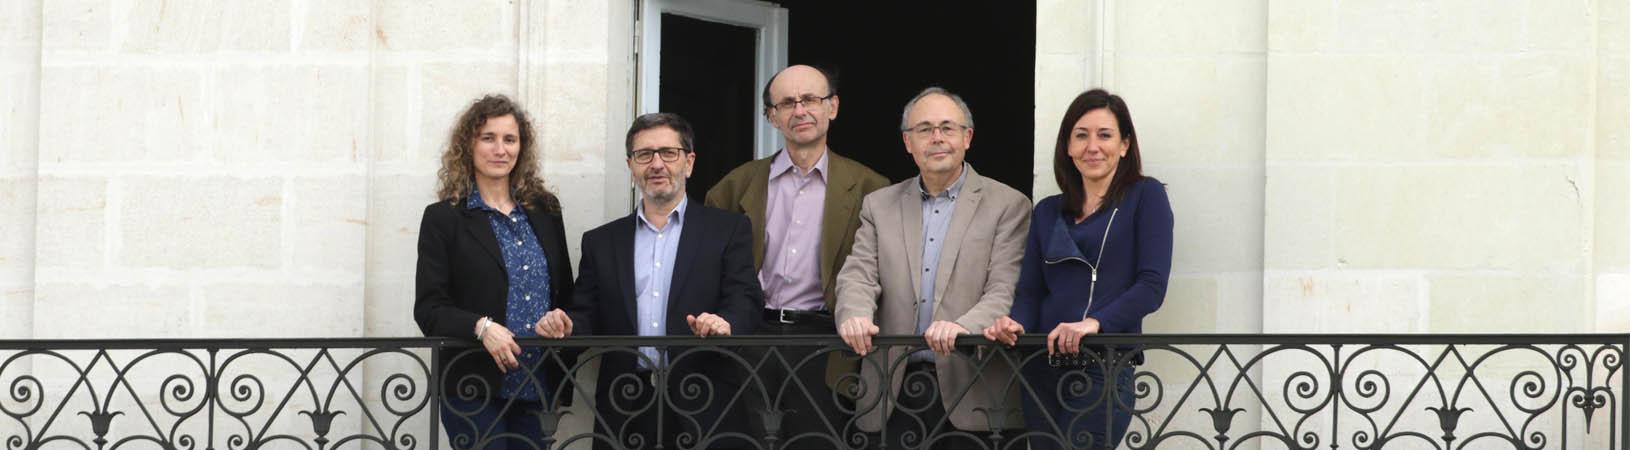 Photo de groupe des avocats Epitoge, Peggy Cugerone, Jacques-François Moreau, Corine Landreau, Jean-Charles Merand, Hervé Morvan